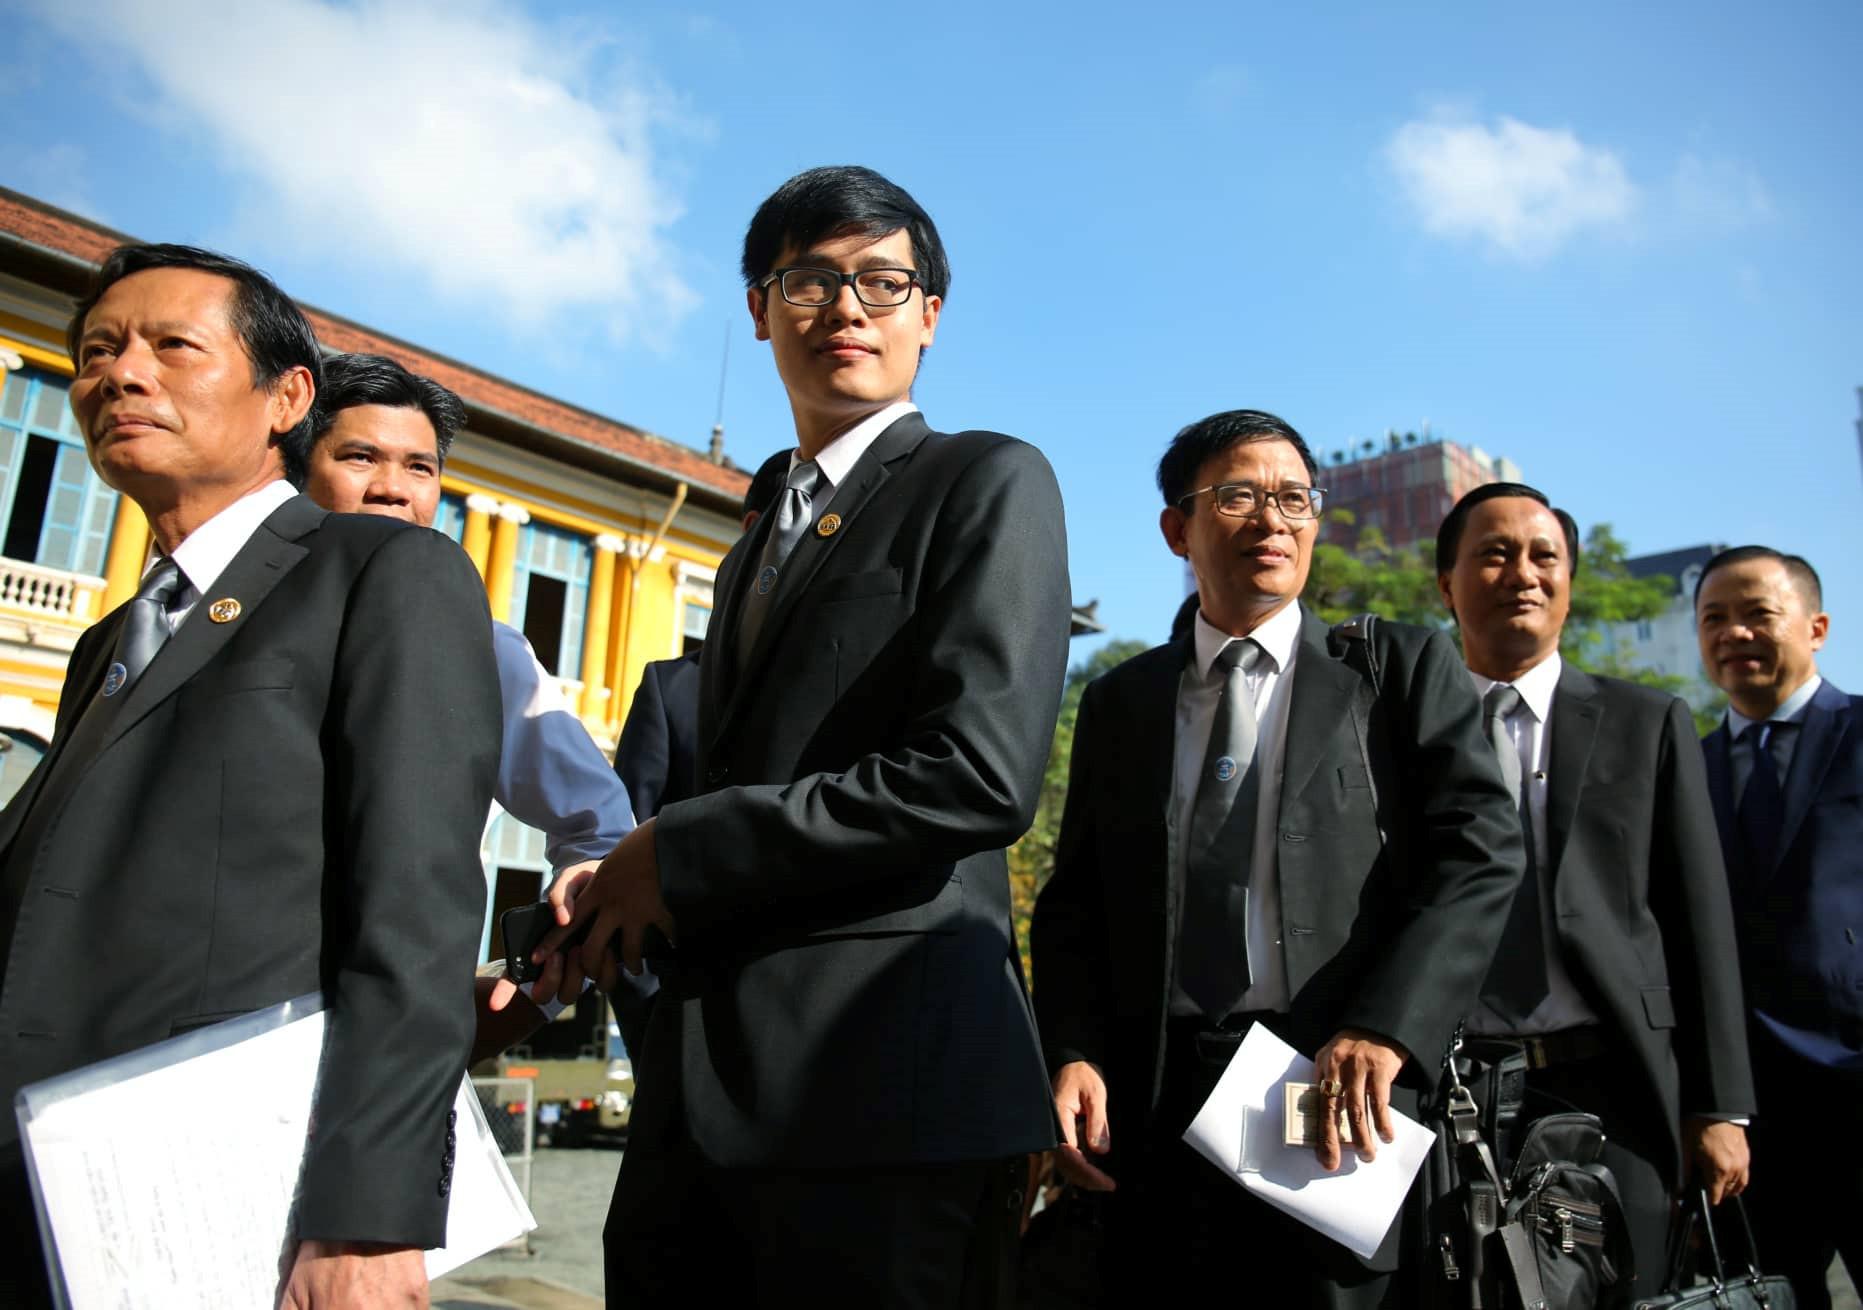 Đại án DongABank thiệt hại hơn 3.608 tỉ đồng: Xét xử Vũ 'nhôm', Trần Phương Bình Ảnh 2